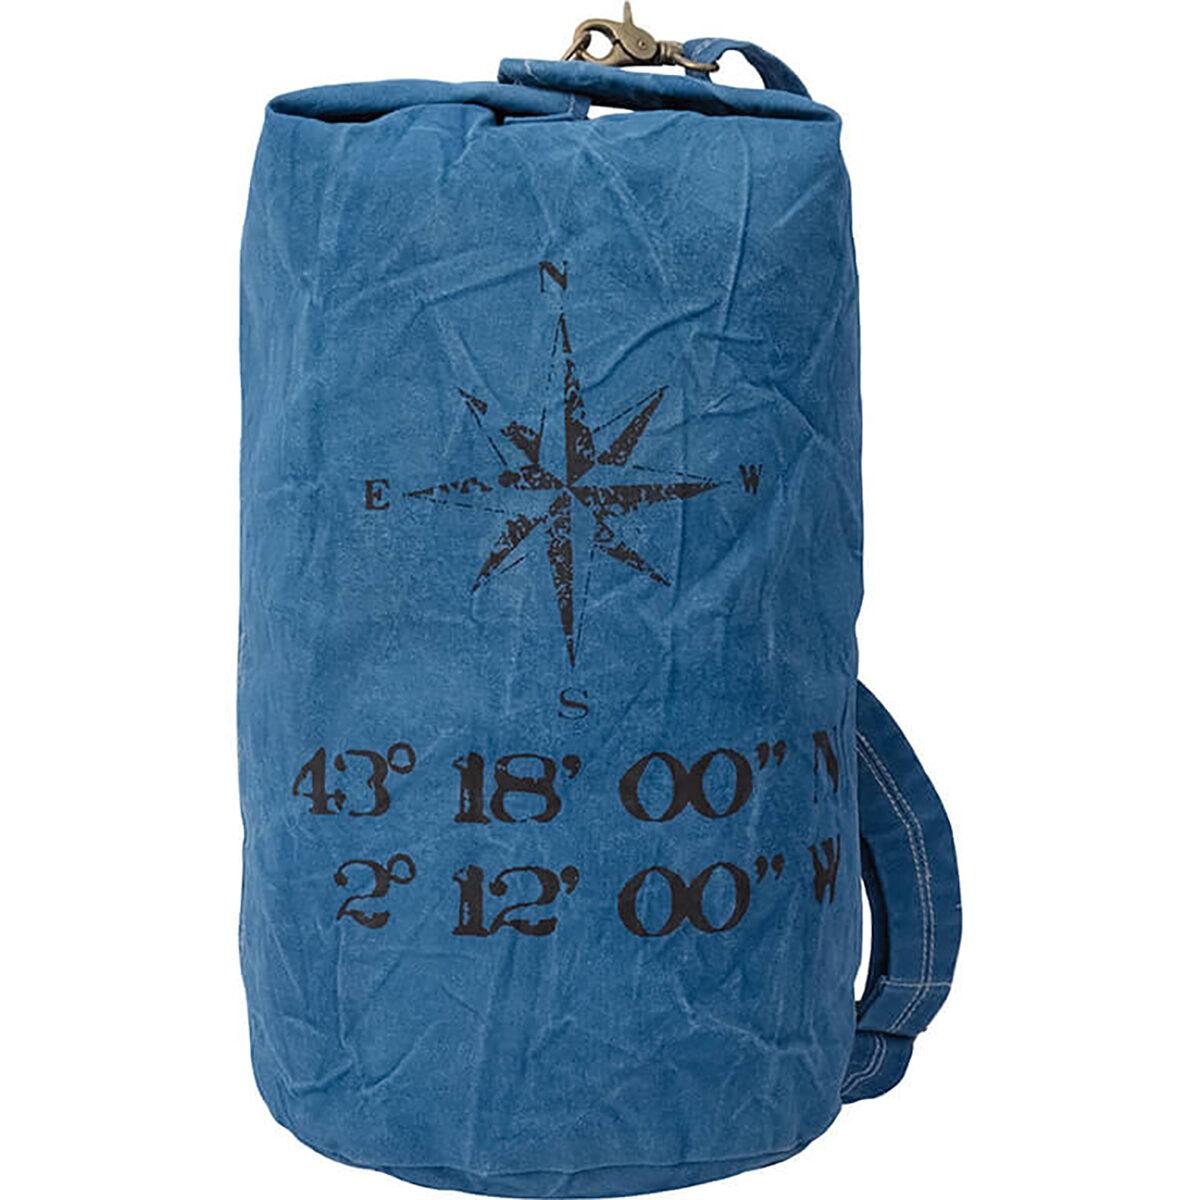 Kék tengerészzsák Hajós divat, táska